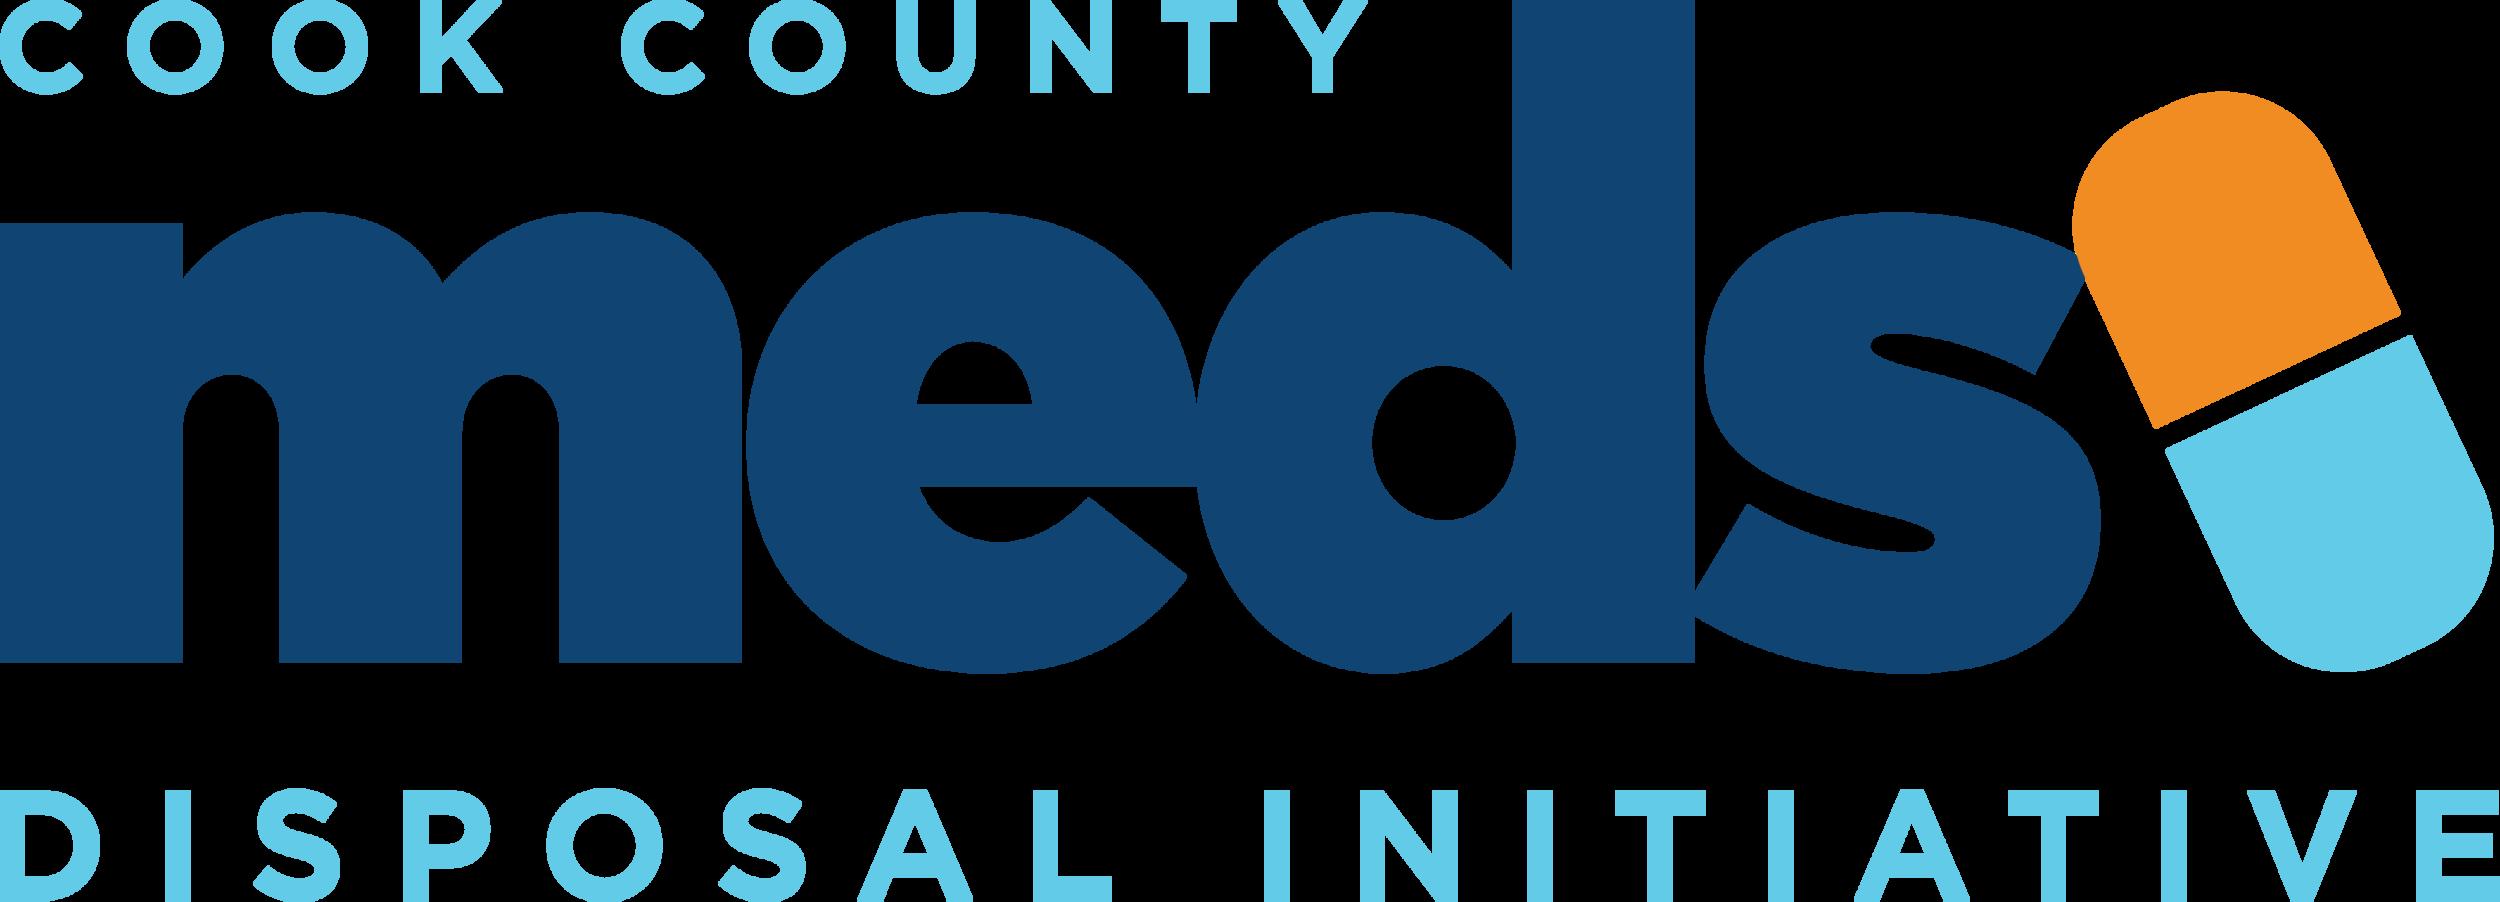 Cook County MEDS logo.png